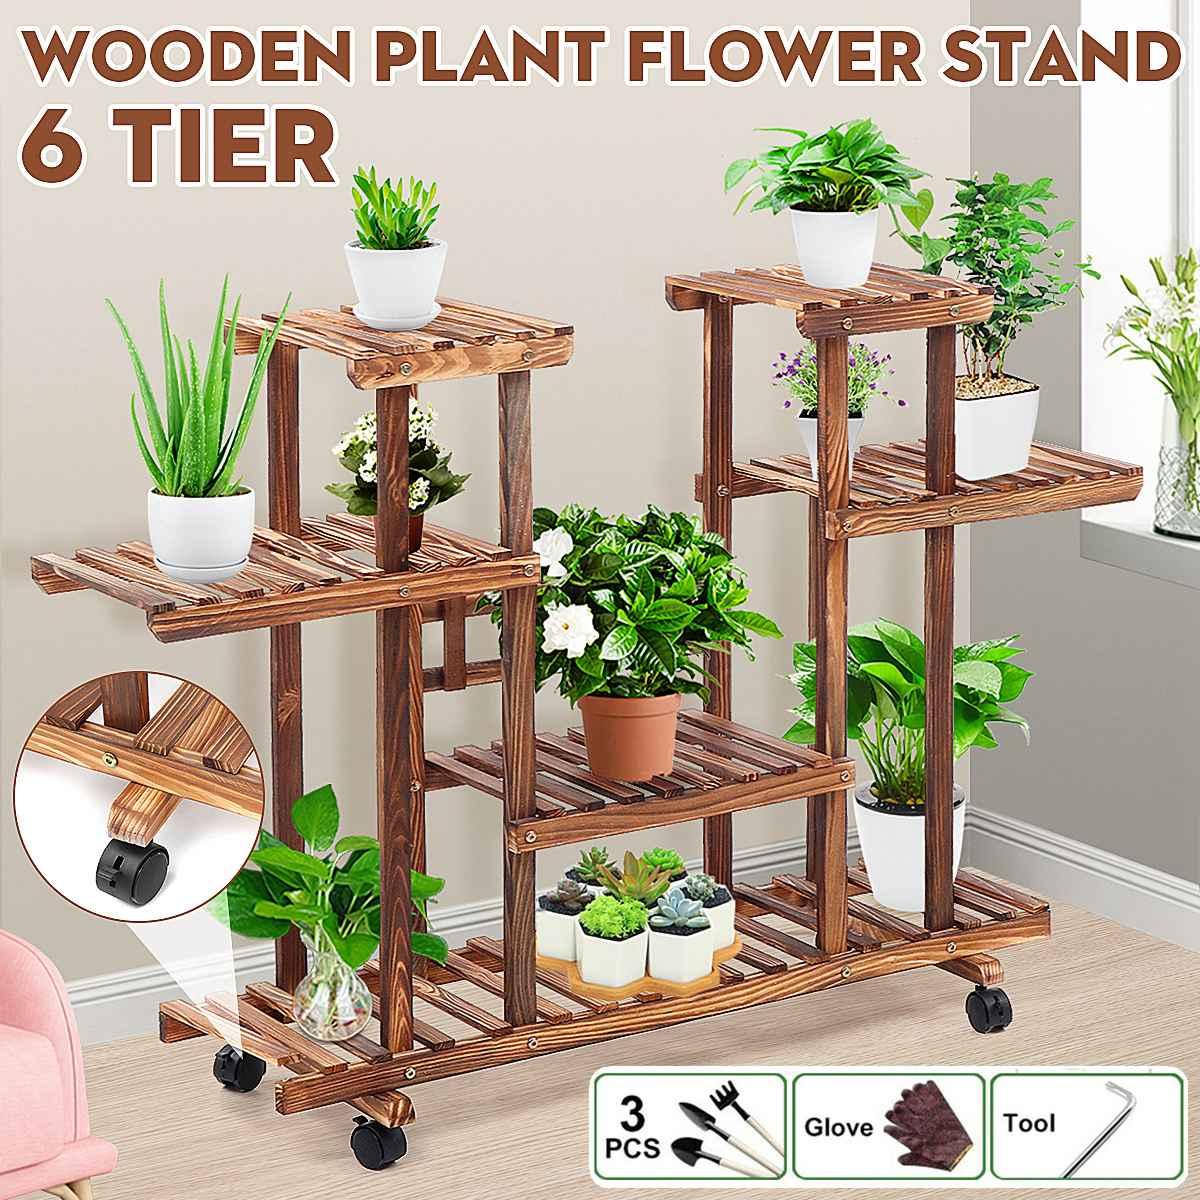 6-Tier Wood Flower Pot Plant Stand 116*25*72cm Home Garden Storage Display Shelves for Indoor Outdoor Yard Garden Patio Balcony